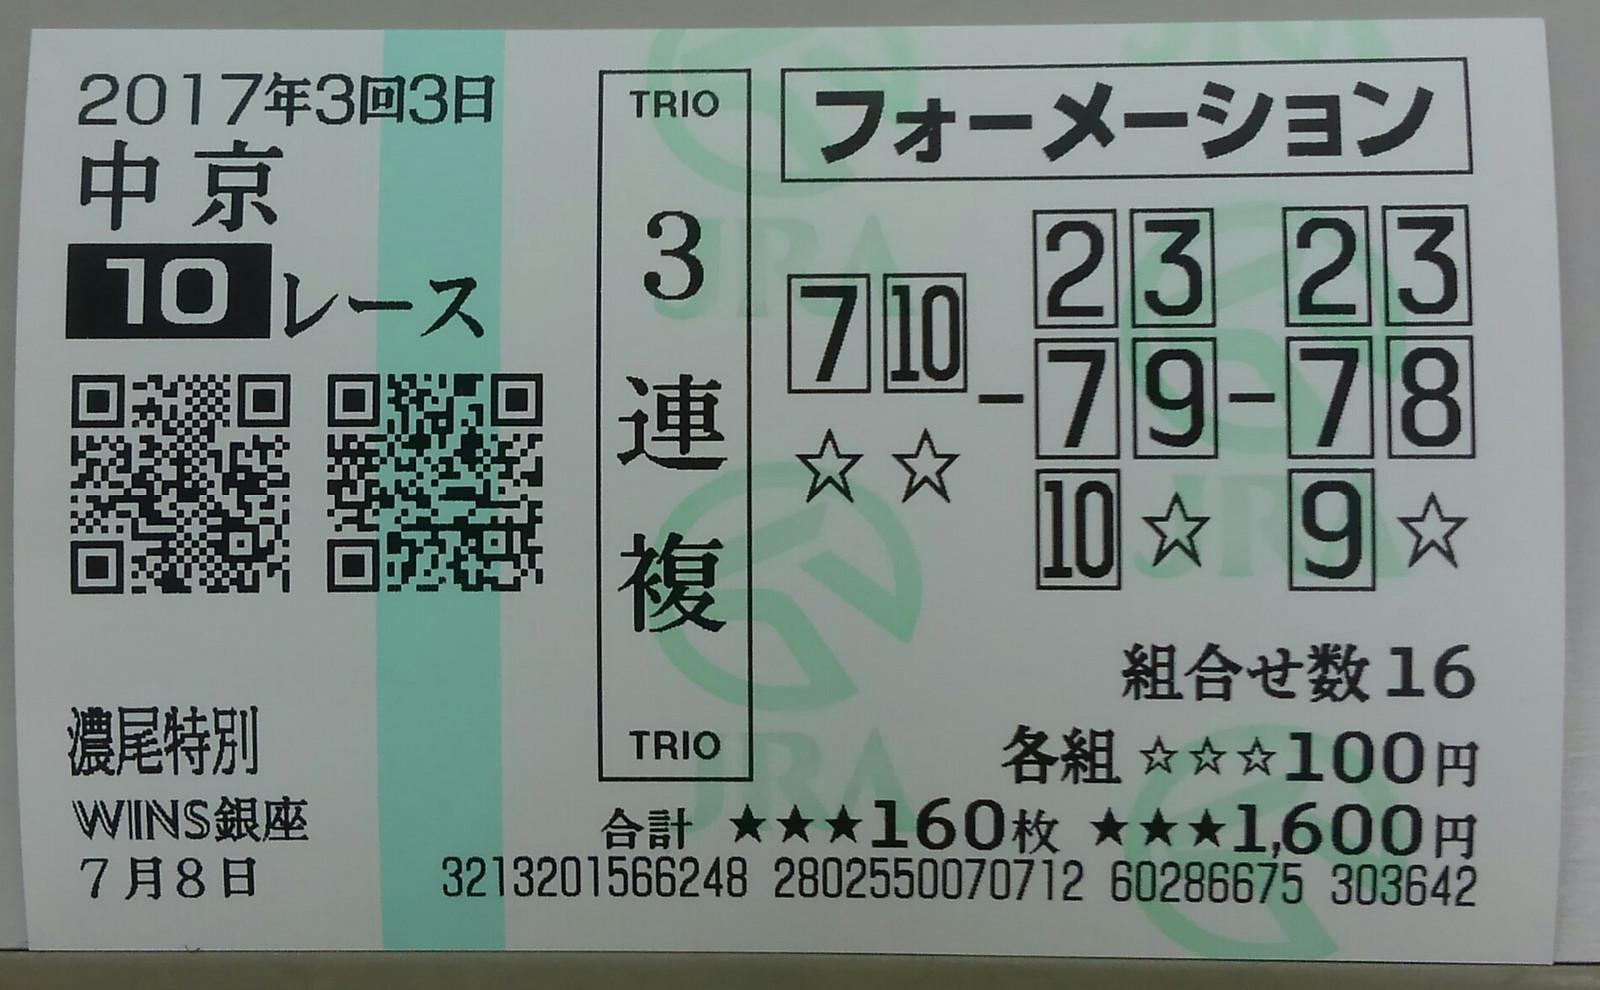 2017_nobi_tokubetsu